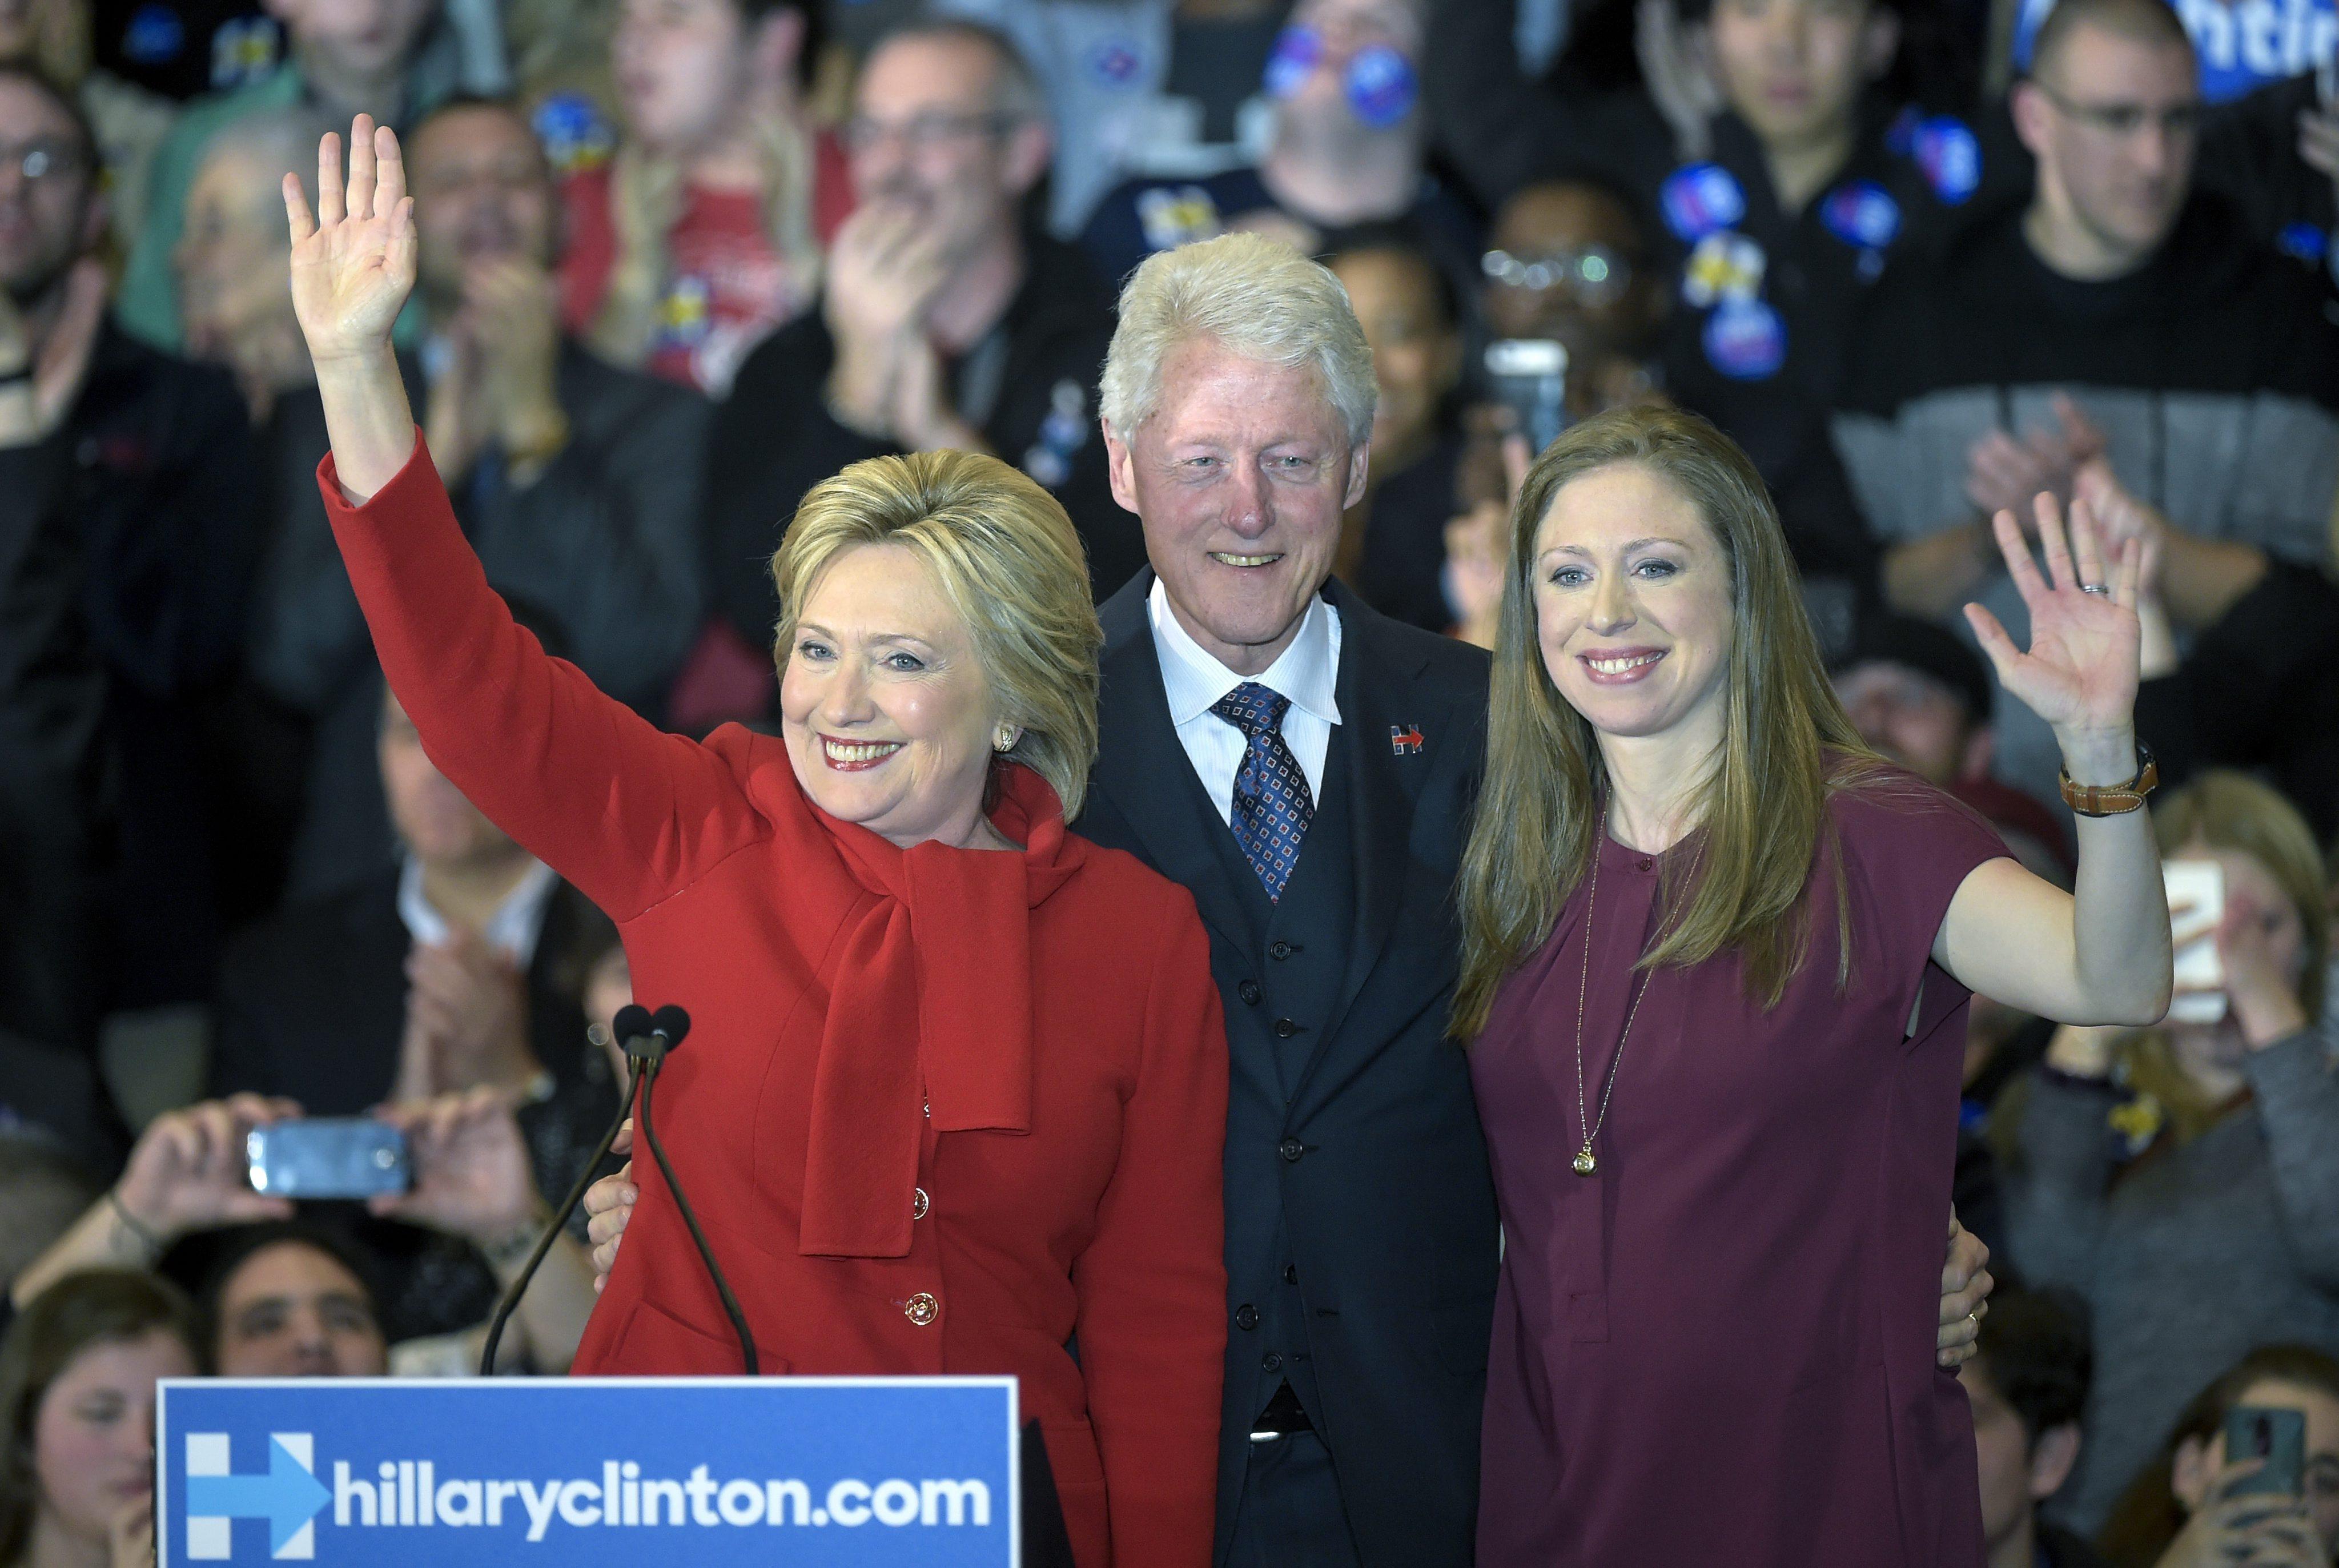 La candidata presidencial de partido Democráta Hillary Clinton (i) saluda junto a su esposo, el expresidente de EE.UU Bill Clinton (c), y su hija Chelsea Clinton (d) durante la noche del caucus del partido Demócrata hoy, lunes 1 de febrero de 2016, en Olmsted Center de la universidad de Drake en Des Moine (EE.UU.). Los caucus de Iowa, que abren la etapa de elecciones primarias en EE.UU., comenzaron hoy en escuelas, gimnasios y centros comunitarios de todo el estado, con los aspirantes demócratas casi empatados en las encuestas y el republicano Donald Trump a un paso de lograr su primer gran triunfo. EFE/CRAIG LASSIG